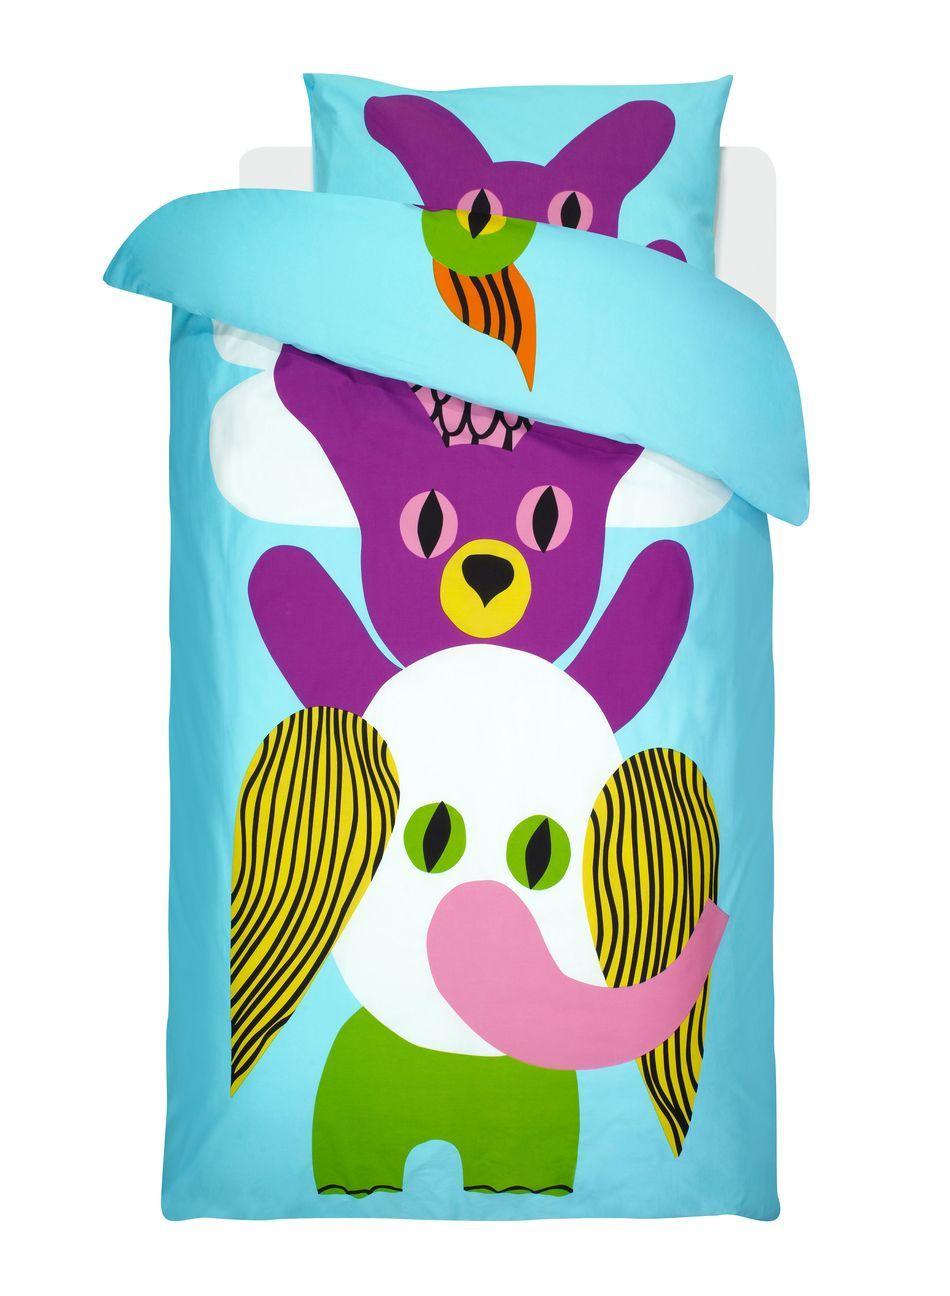 Halihali-pussilakanasetti (v. sininen, vihreä, violetti) |Sisustustuotteet, Lastenhuone | Marimekko